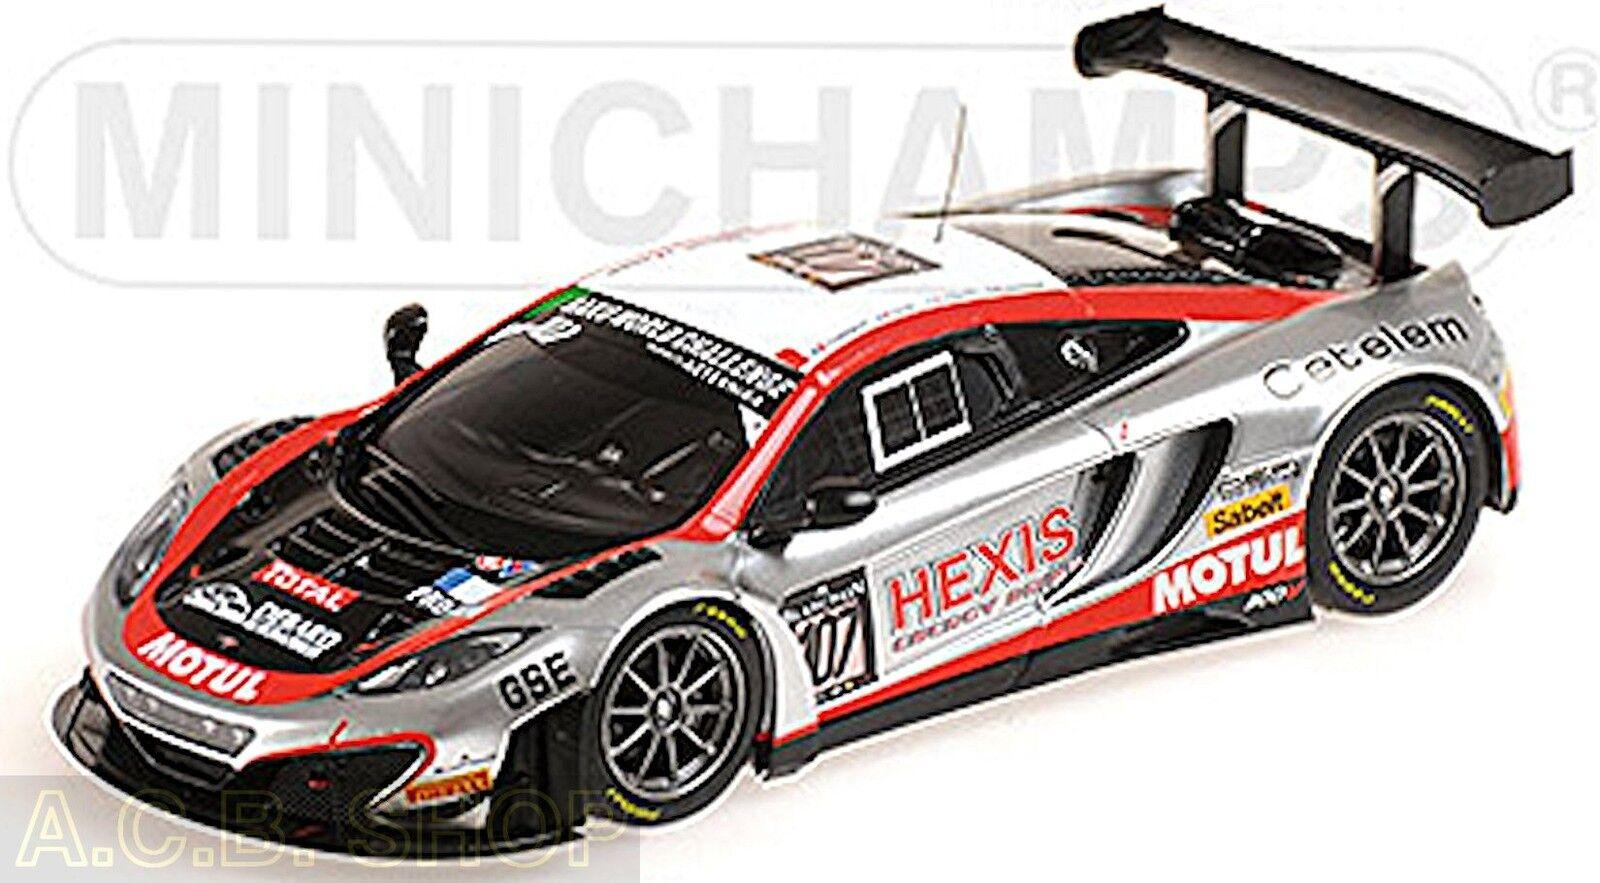 Mclaren 12c gt3 - 24h spa 2013 Hexis racing  107 1 43 Minichamps